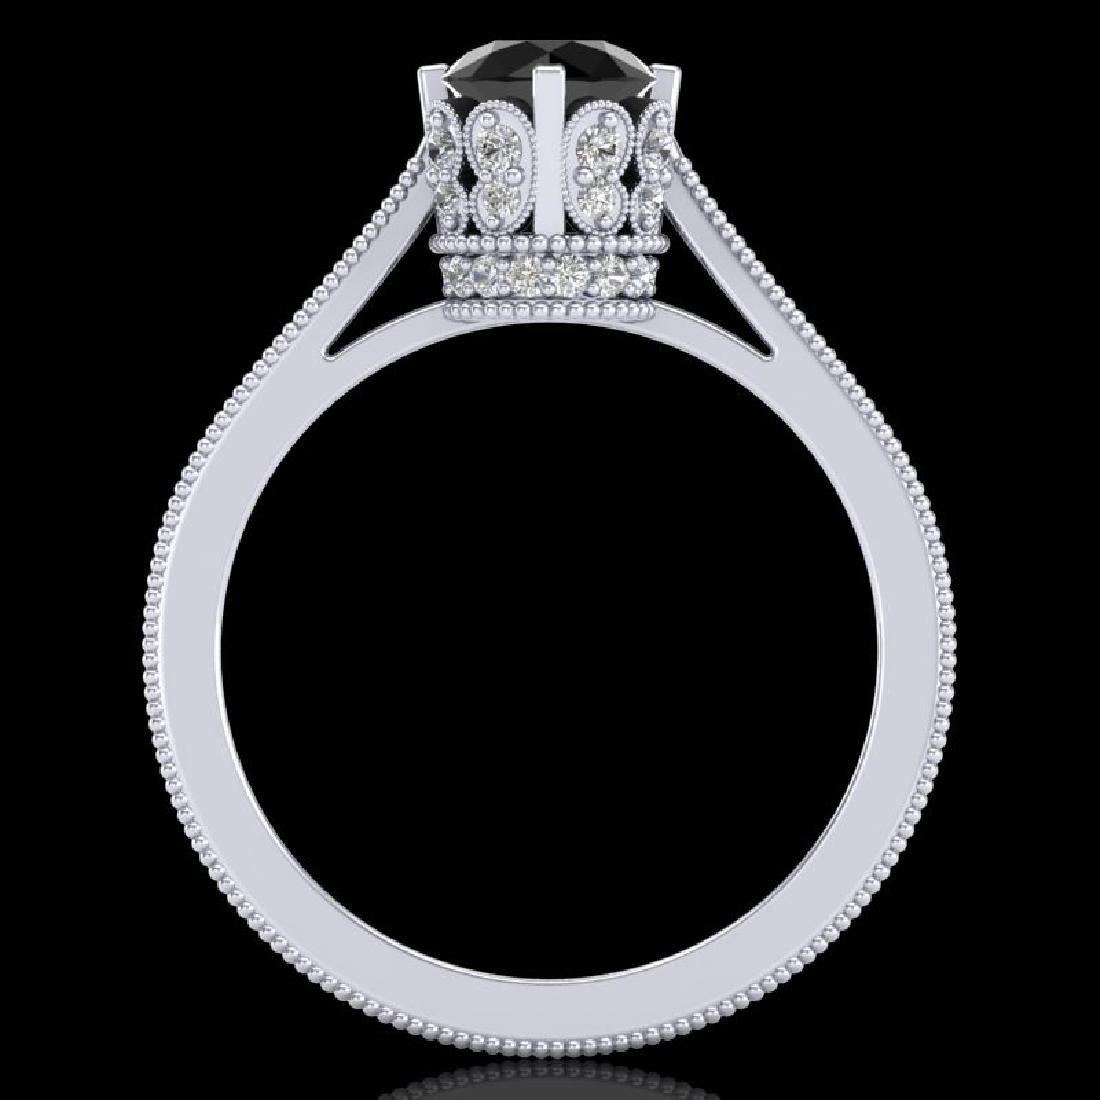 1.14 CTW Fancy Black Diamond Solitaire Engagement Art - 3